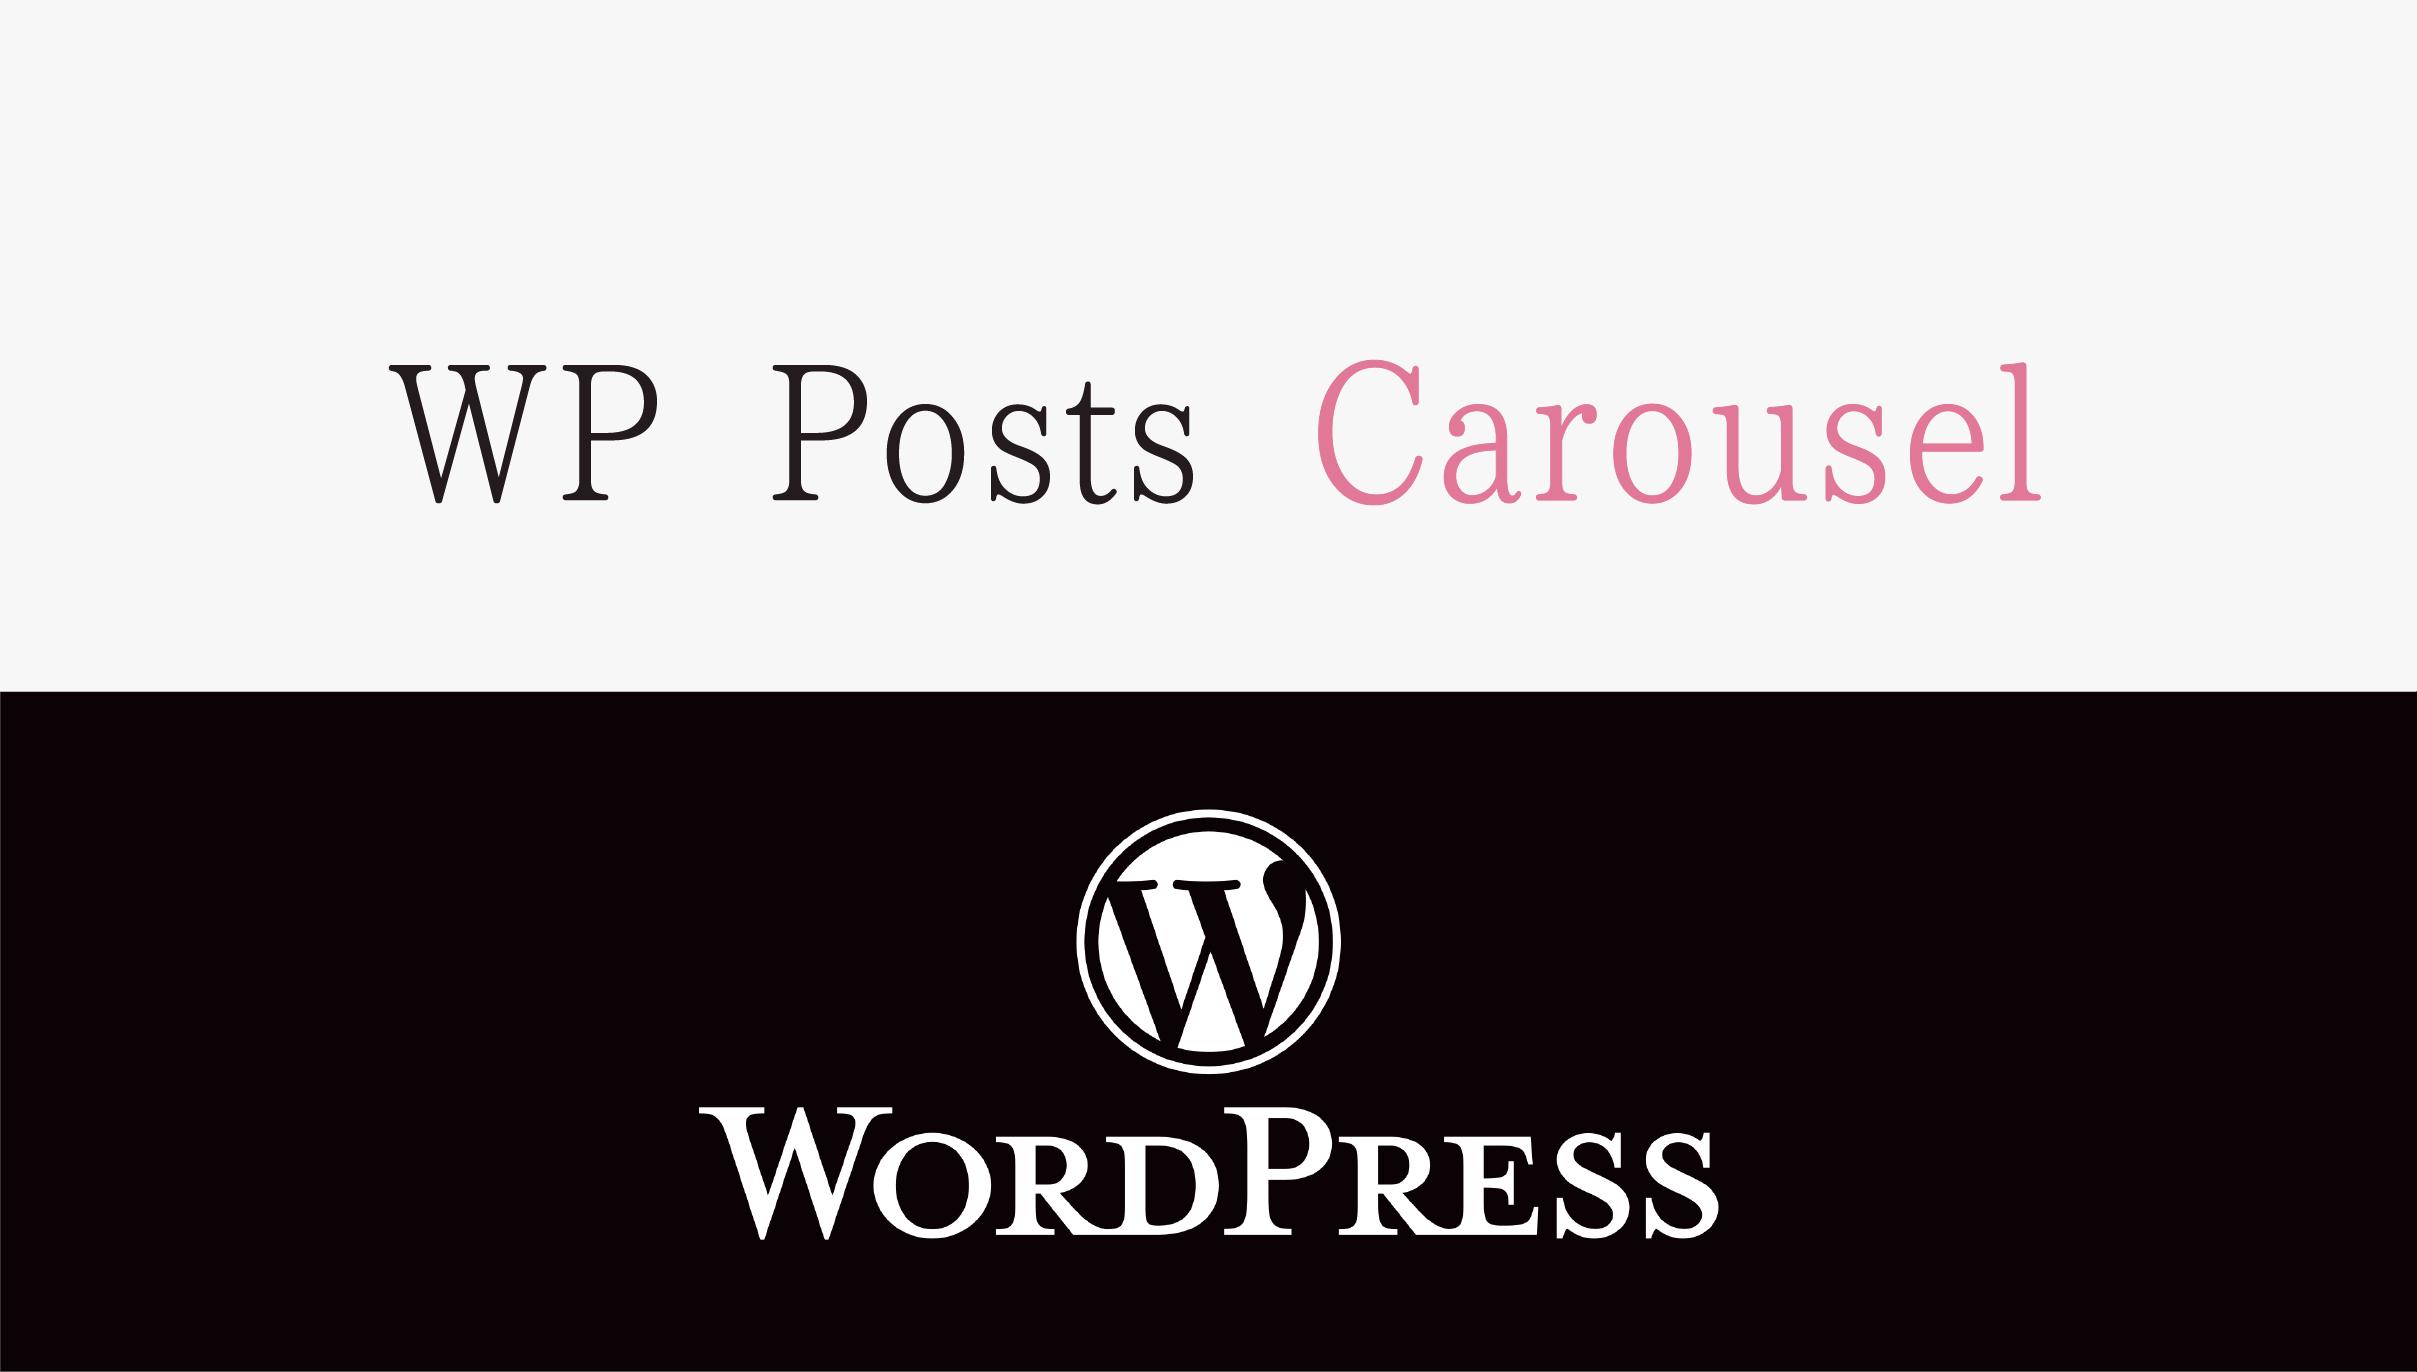 【WP】簡単・綺麗にカルーセル表示!オススメ投稿スライダー『WP Posts Carousel』